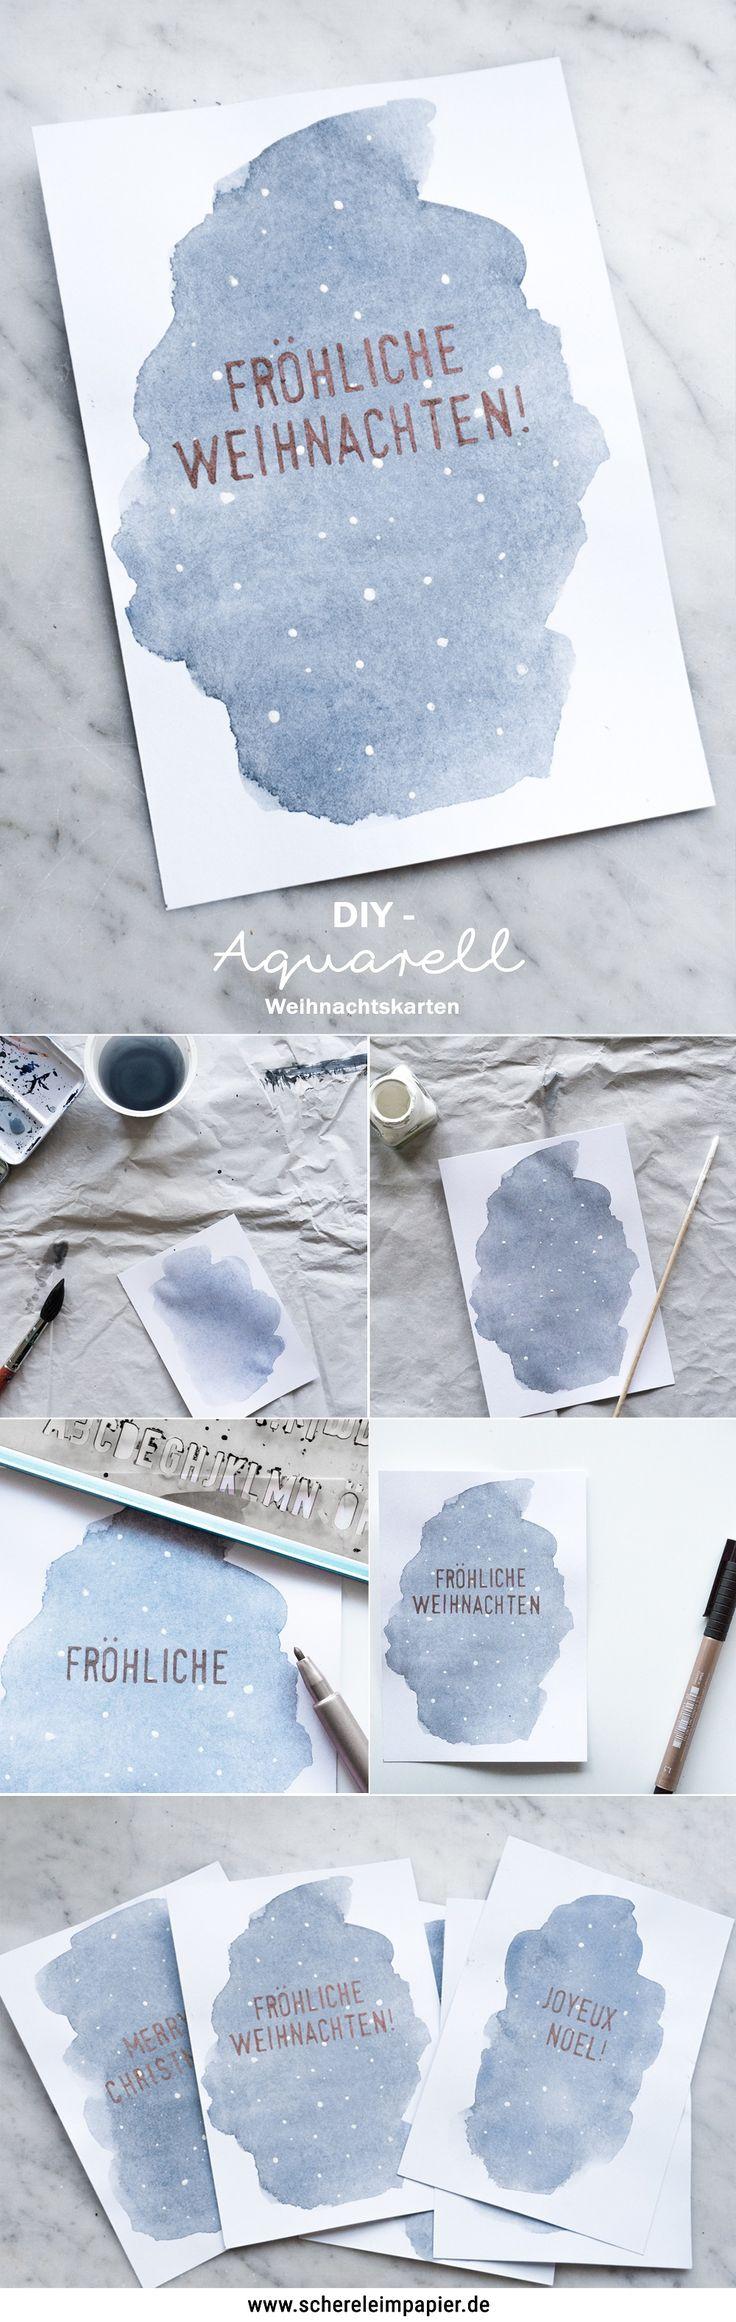 DIY Aquarell Weihnachtskarten basteln - eine schöne Geschenkidee für Weihnachten, ob per Post oder als DIY Deko mit Details in Kupfer für das Weihnachtsgeschenk! Mehr auf dem Blog!